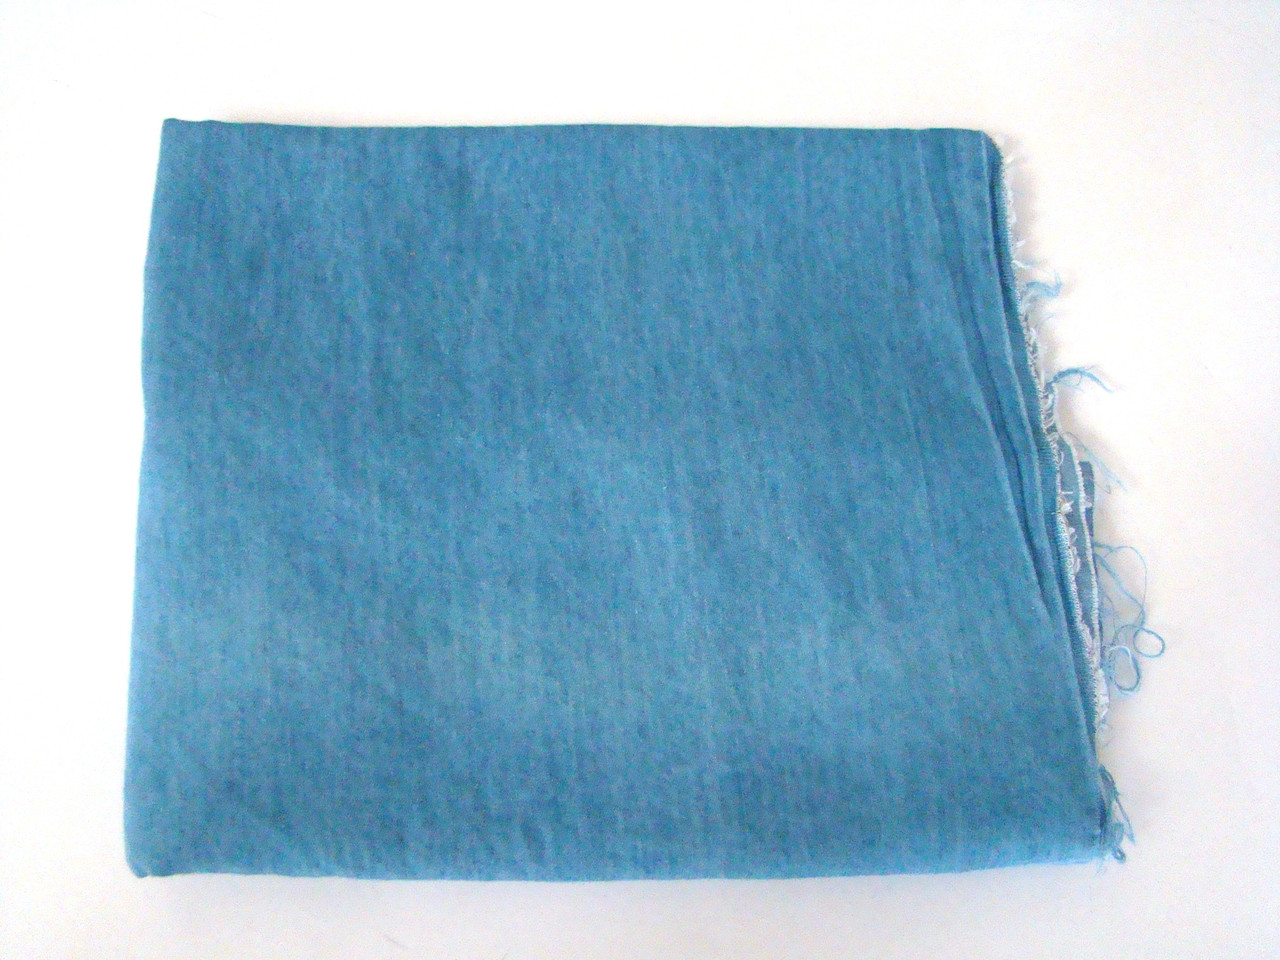 Light Wash Denim Fabric